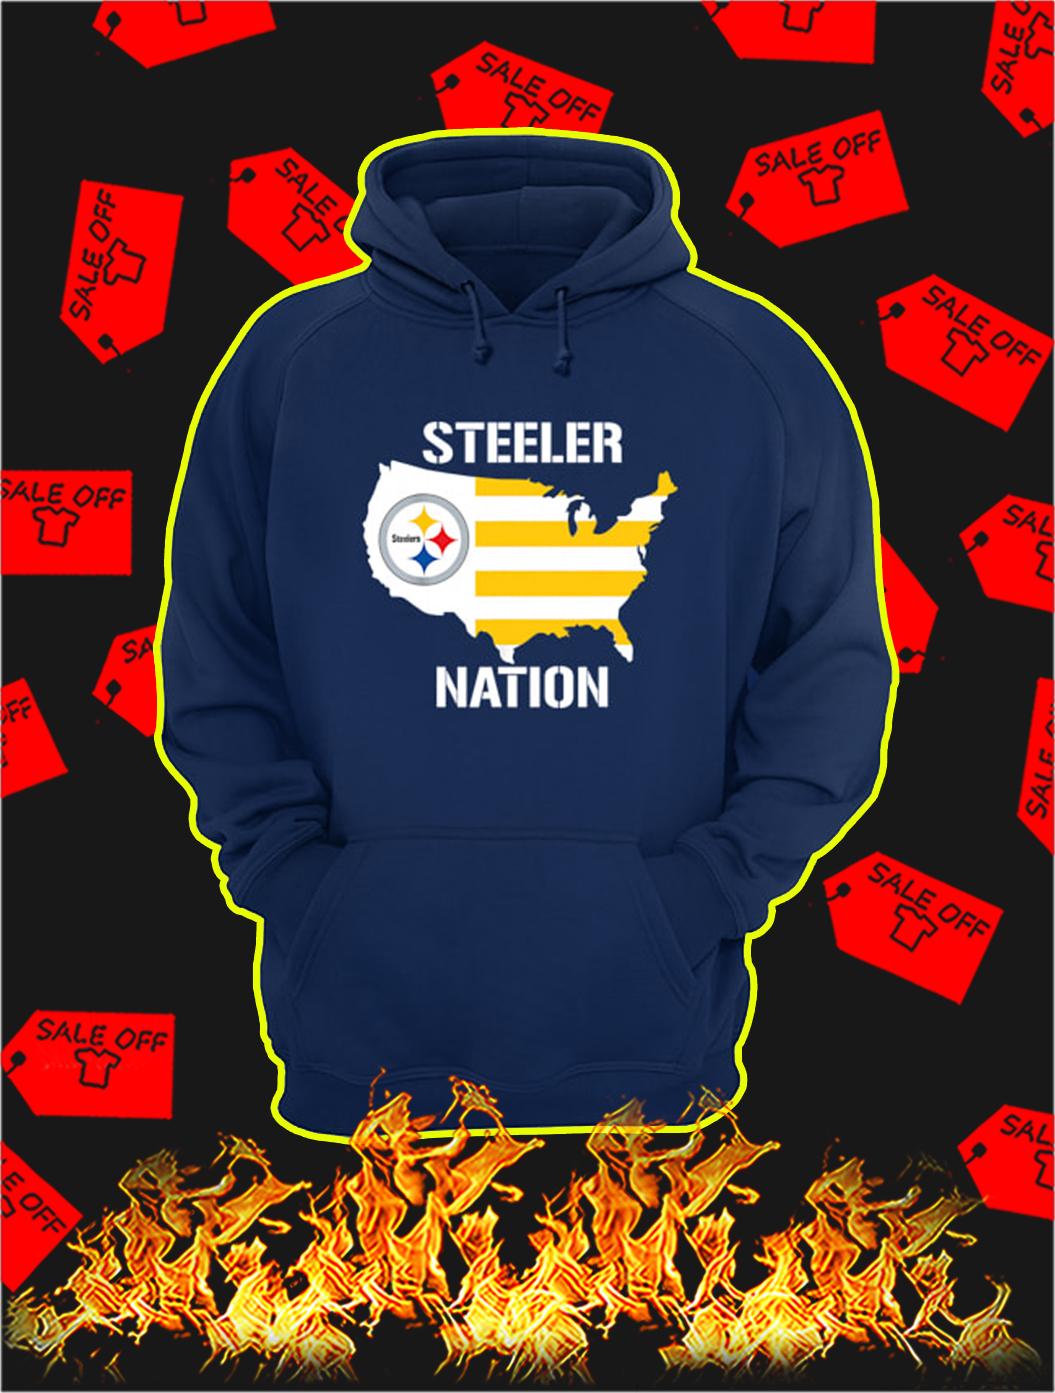 Steeler Nation hoodie